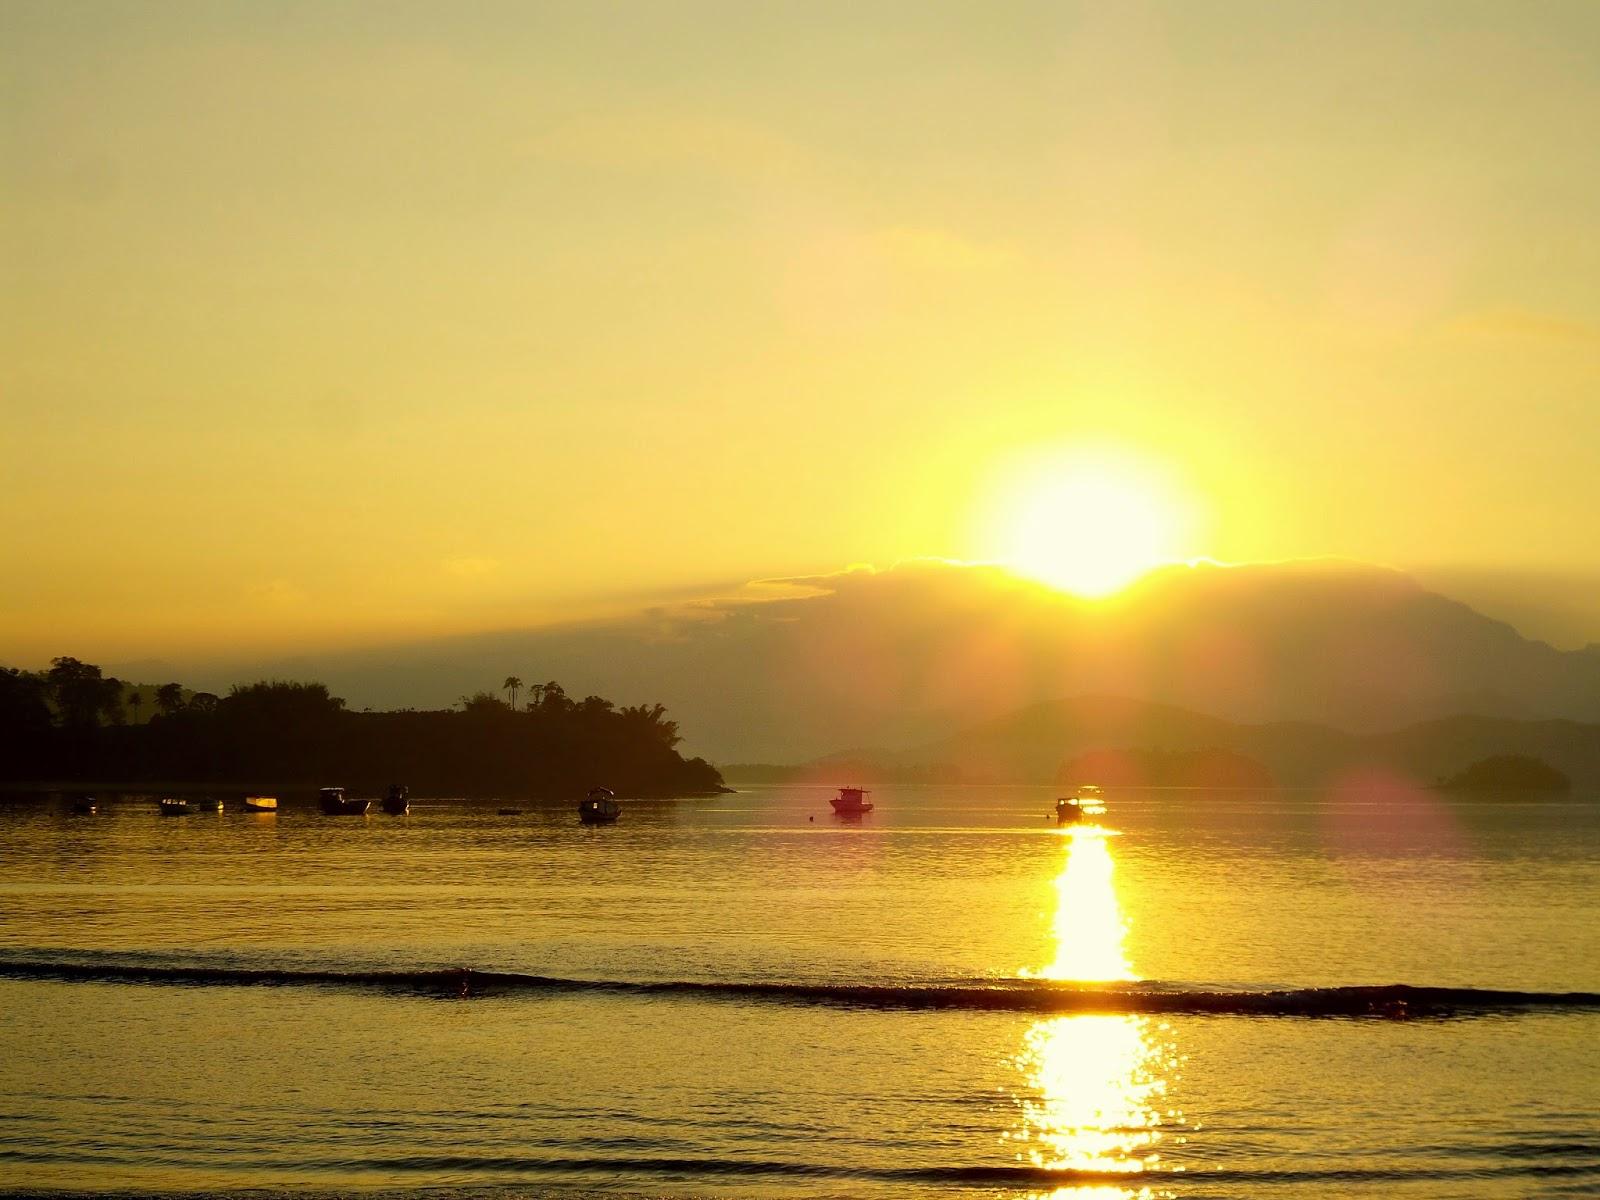 http://aprendendocomasimagens.blogspot.com/2014/10/a-cintilancia-de-um-despertar-na-praia.html